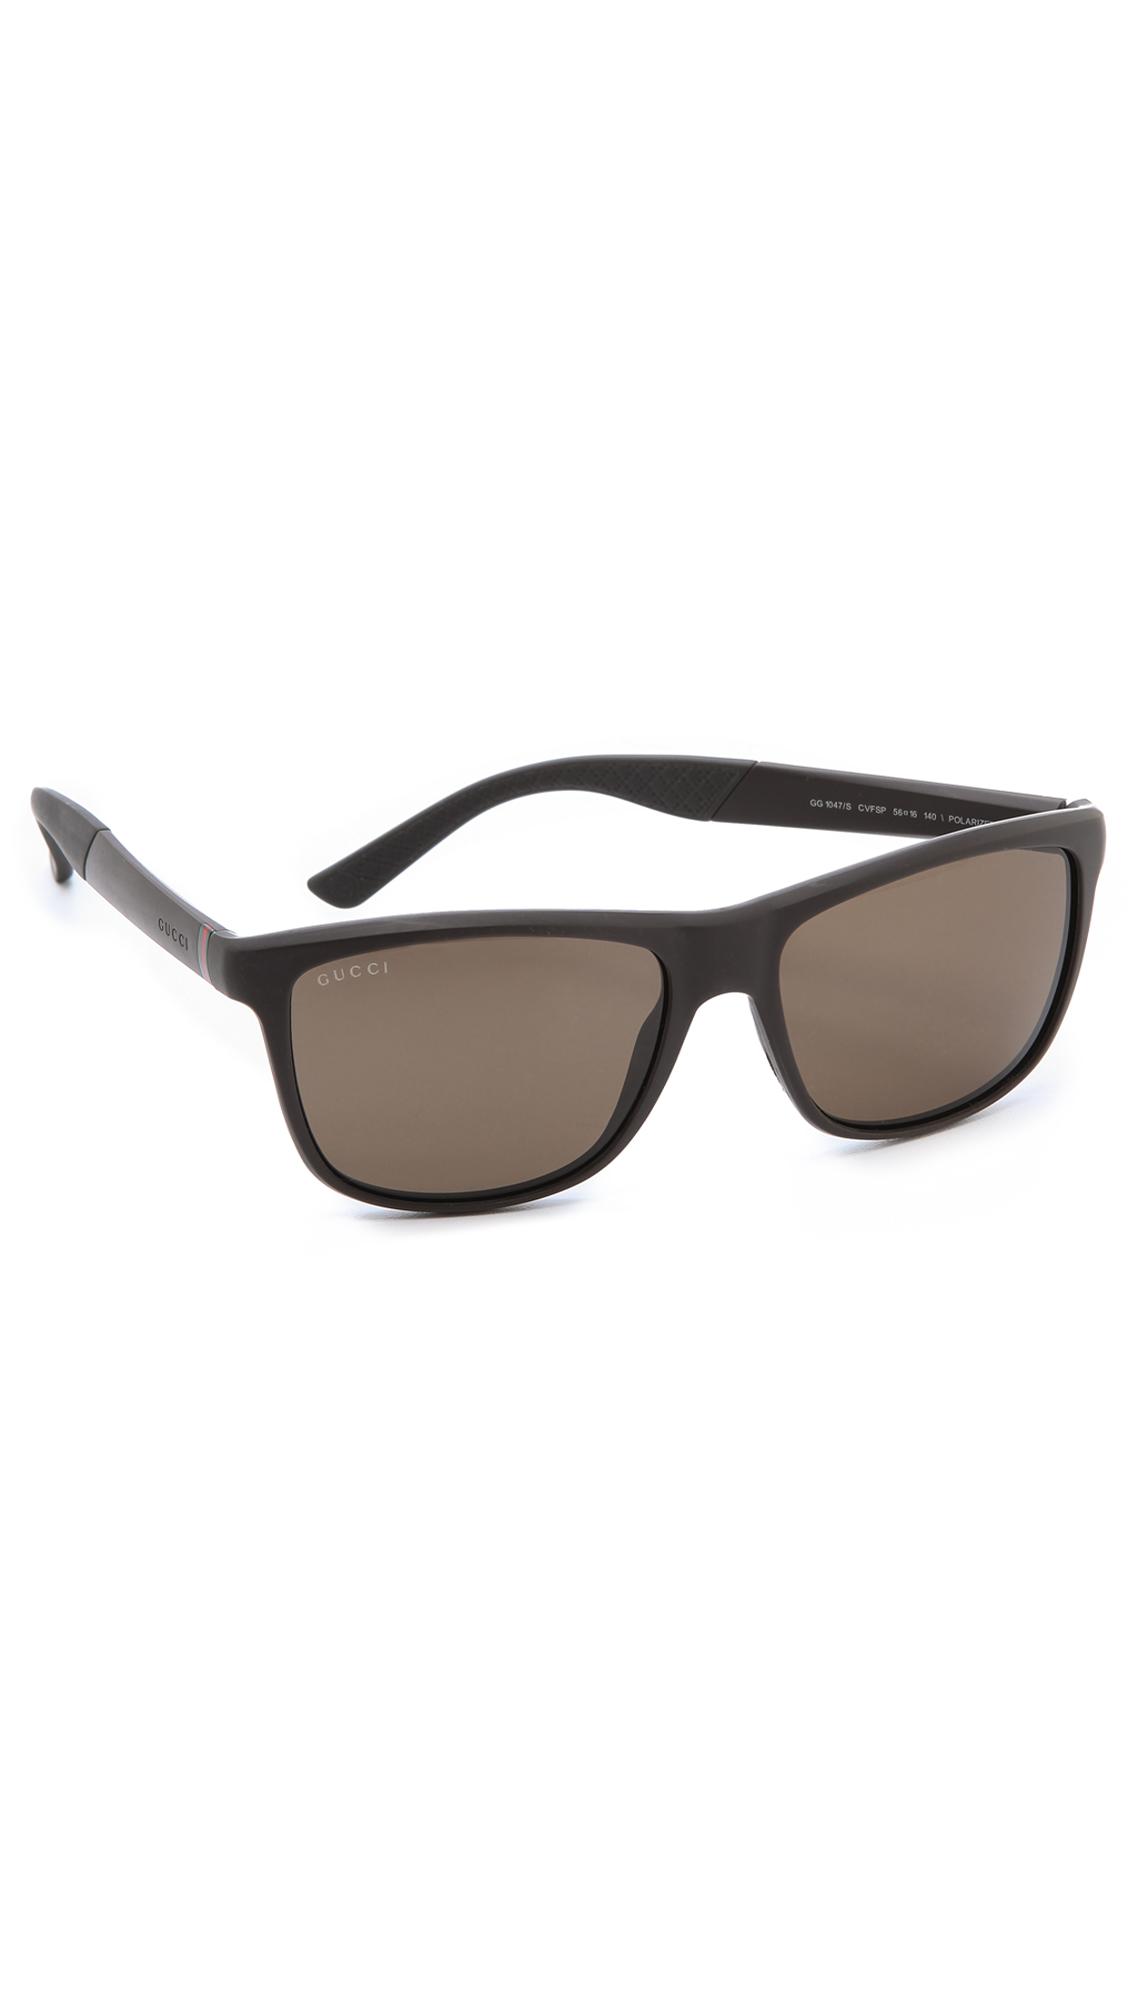 0ab4e1063e9 Men s Brown Square Sunglasses - Bitterroot Public Library